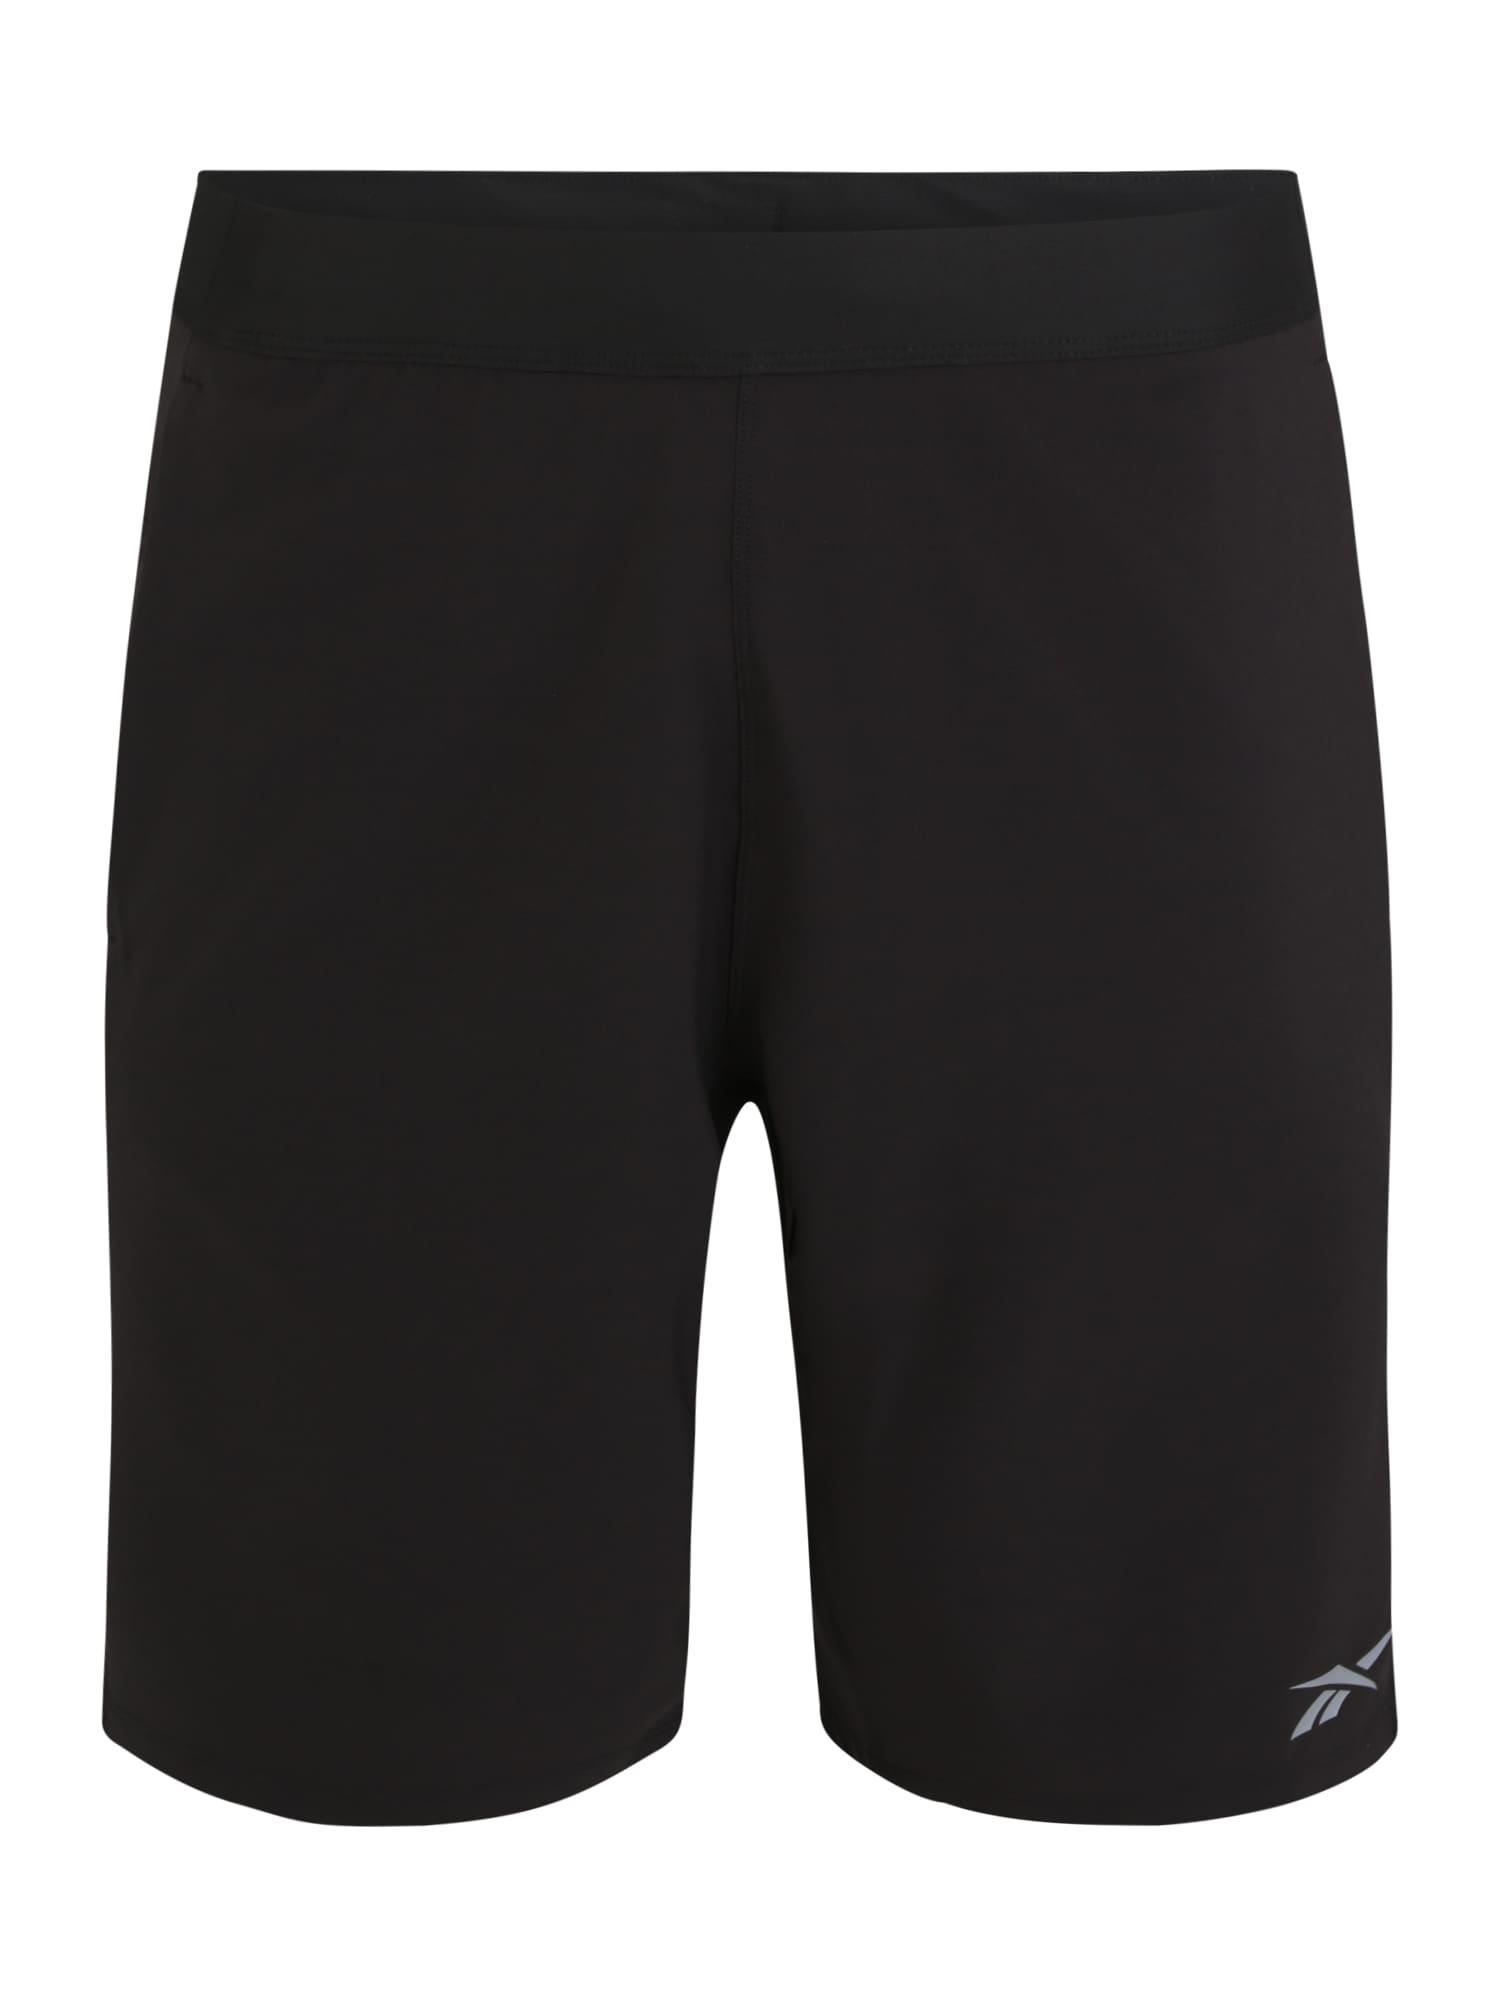 REEBOK Sportinės kelnės 'TS Speed' juoda